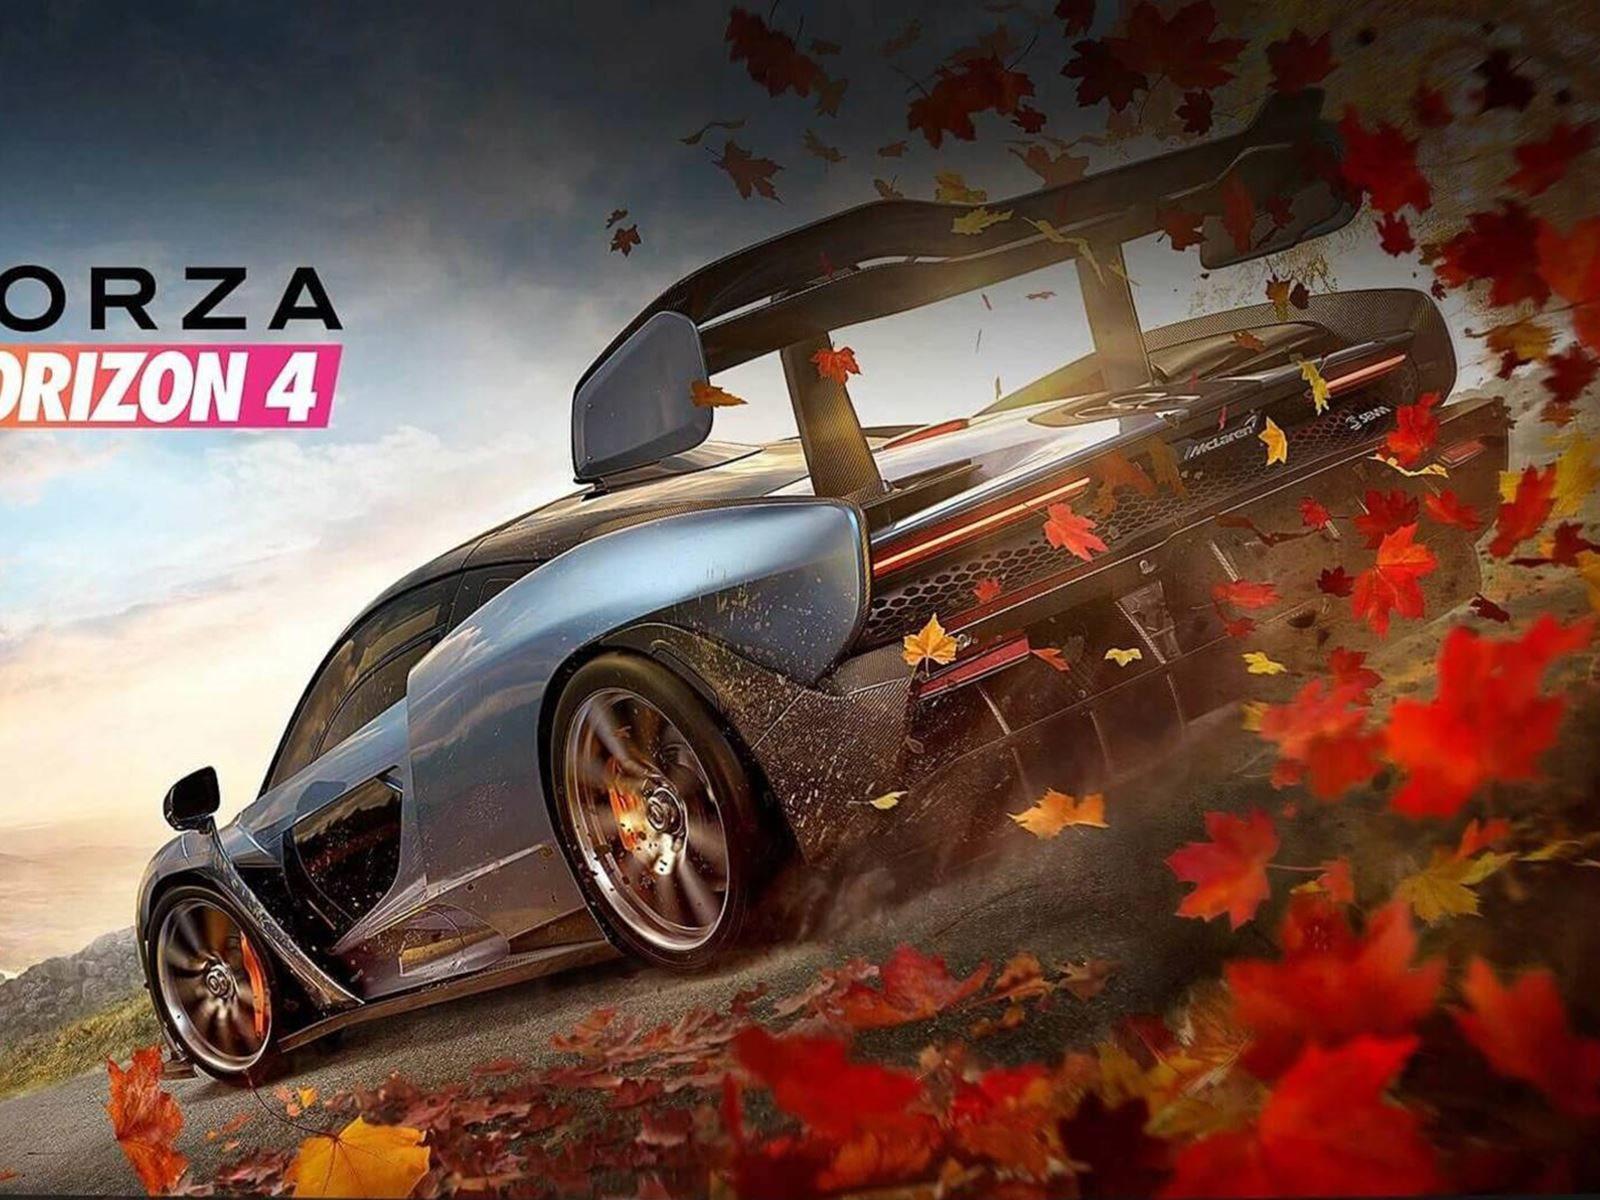 forza horizon 4 features the mighty mclaren senna - carbuzz